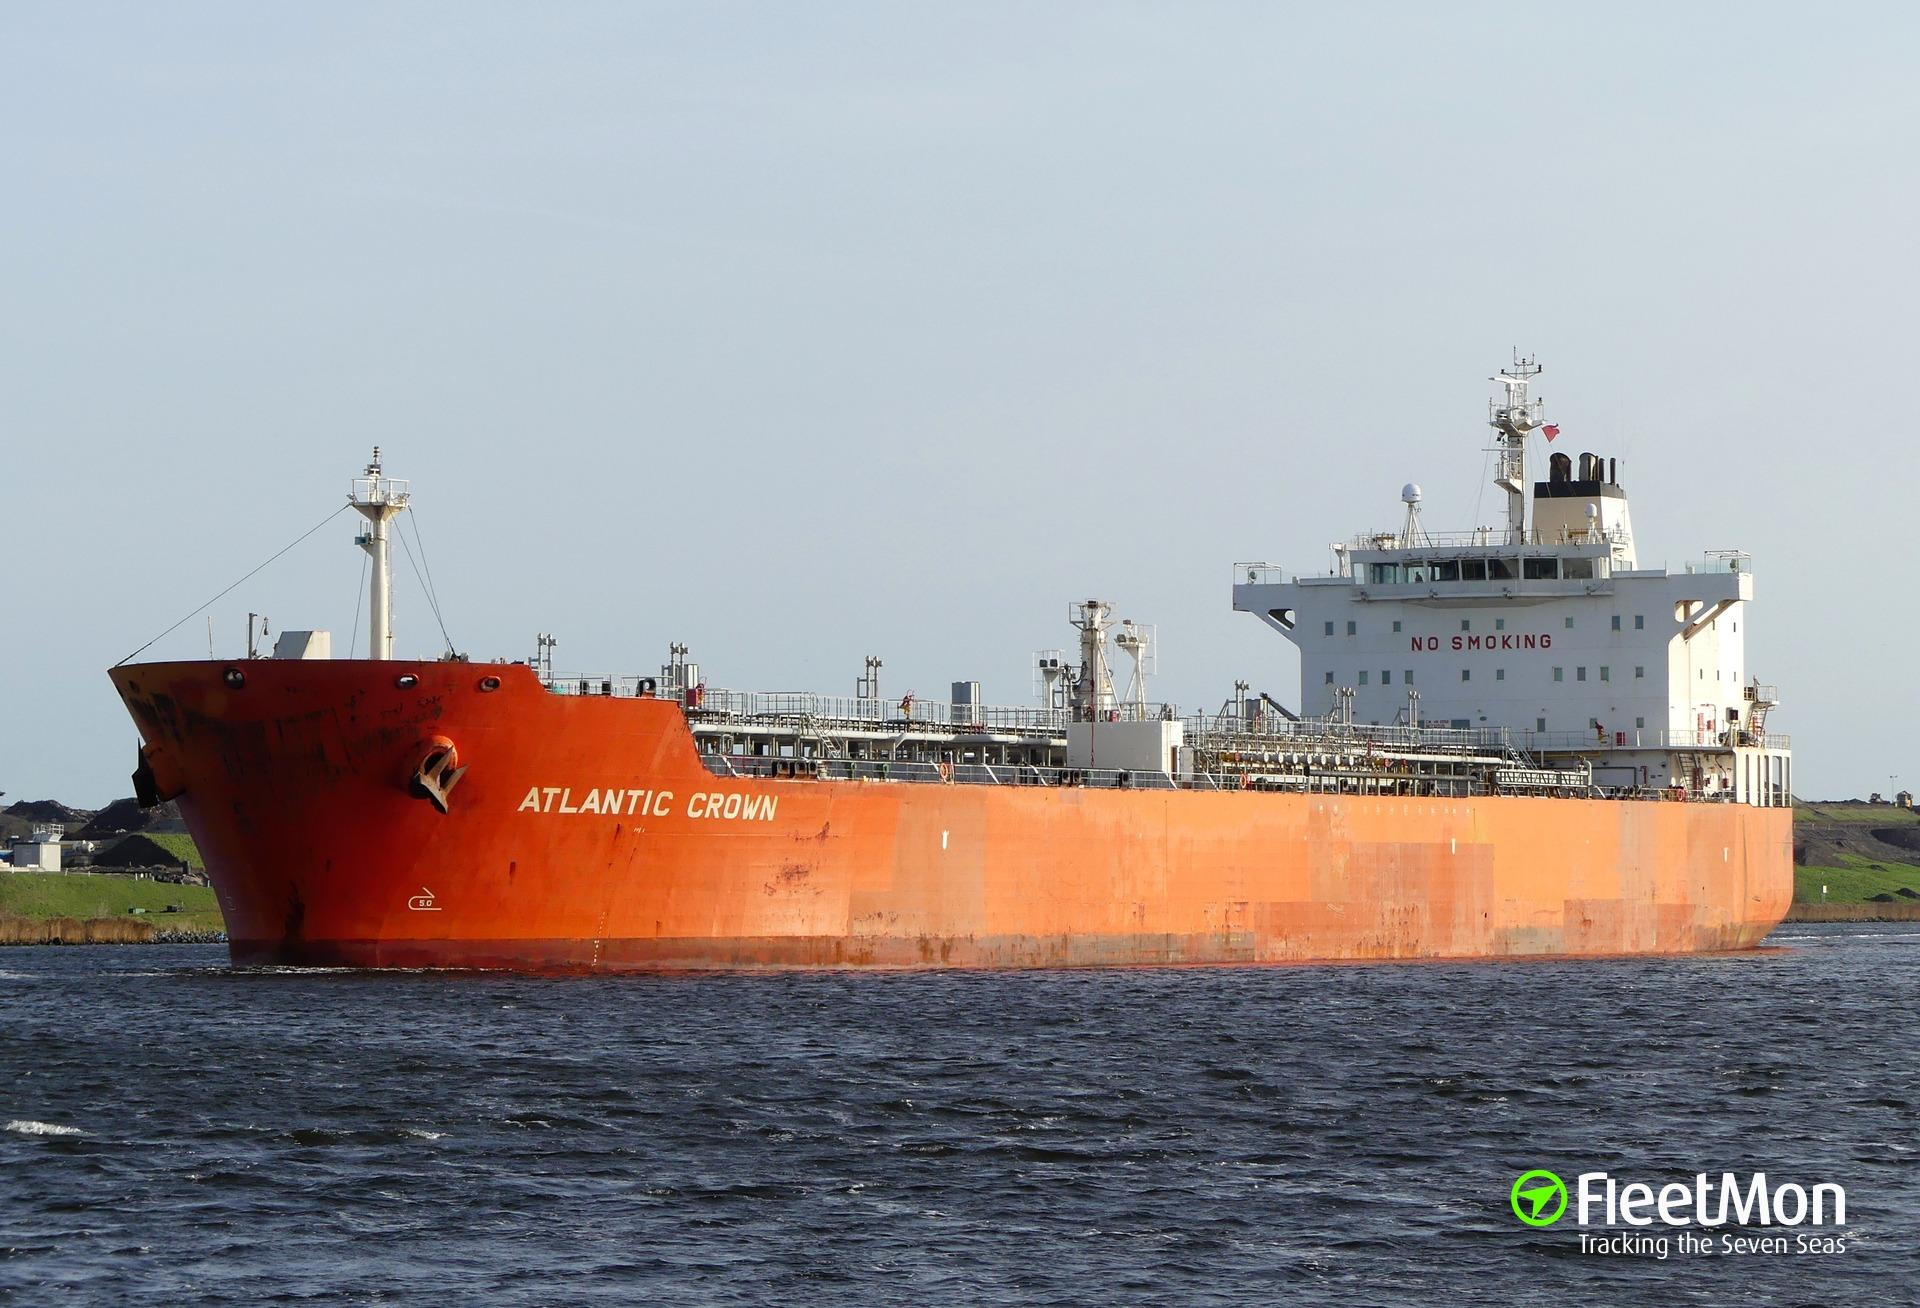 Atlantic Crown